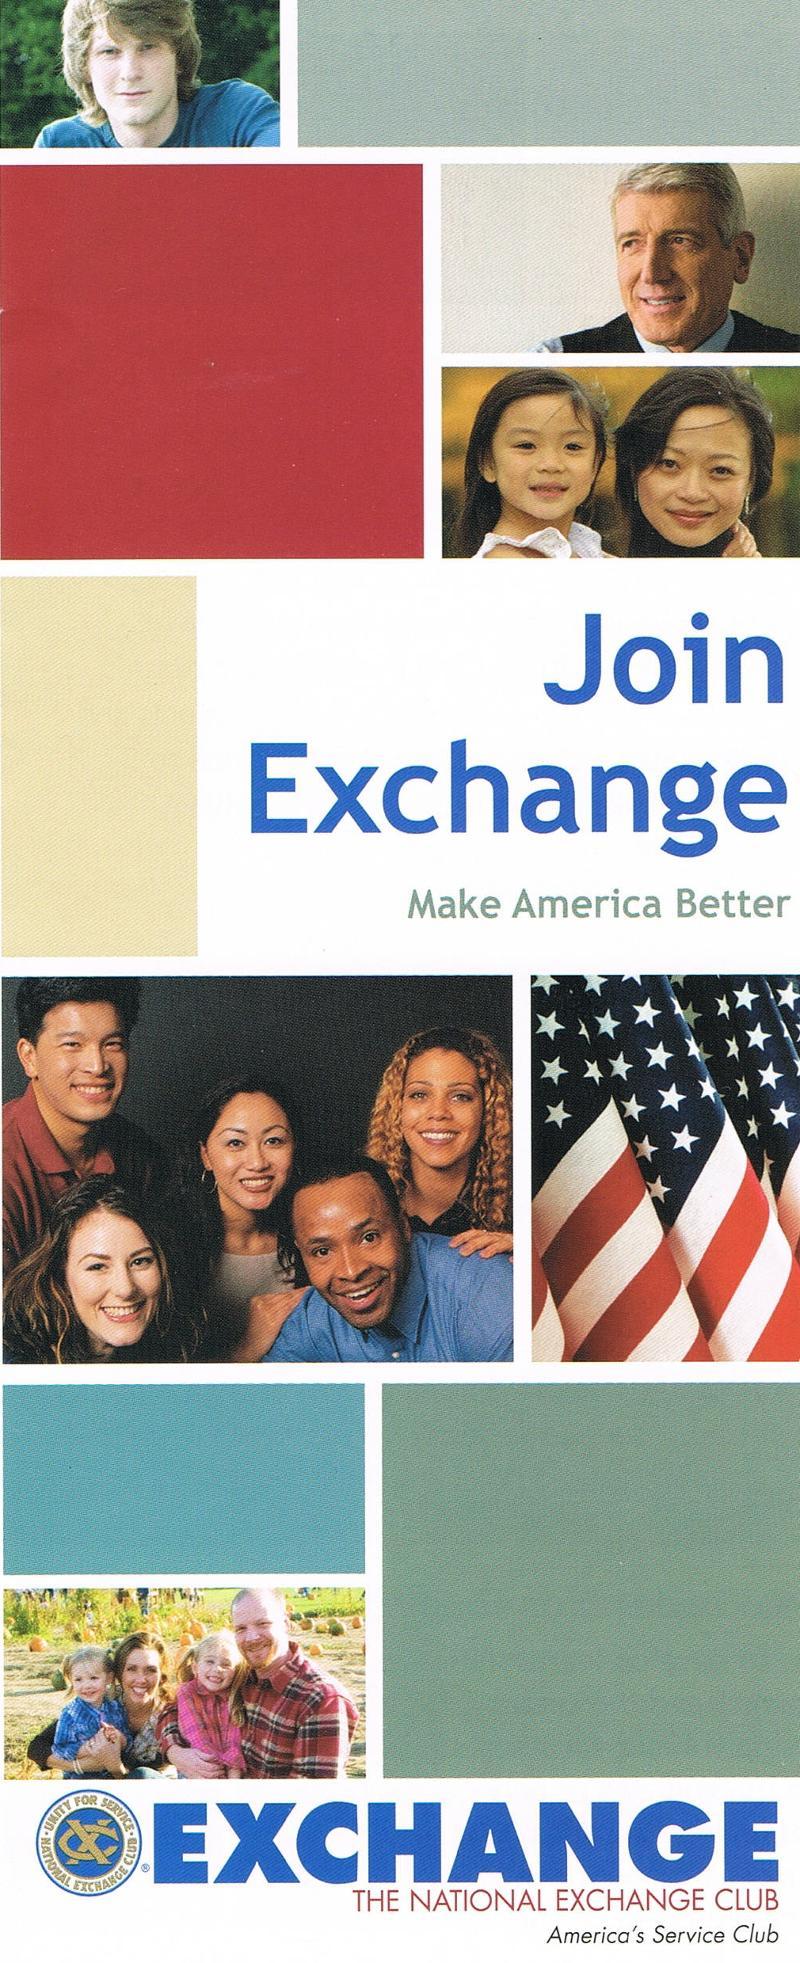 Join Exchange Brochure